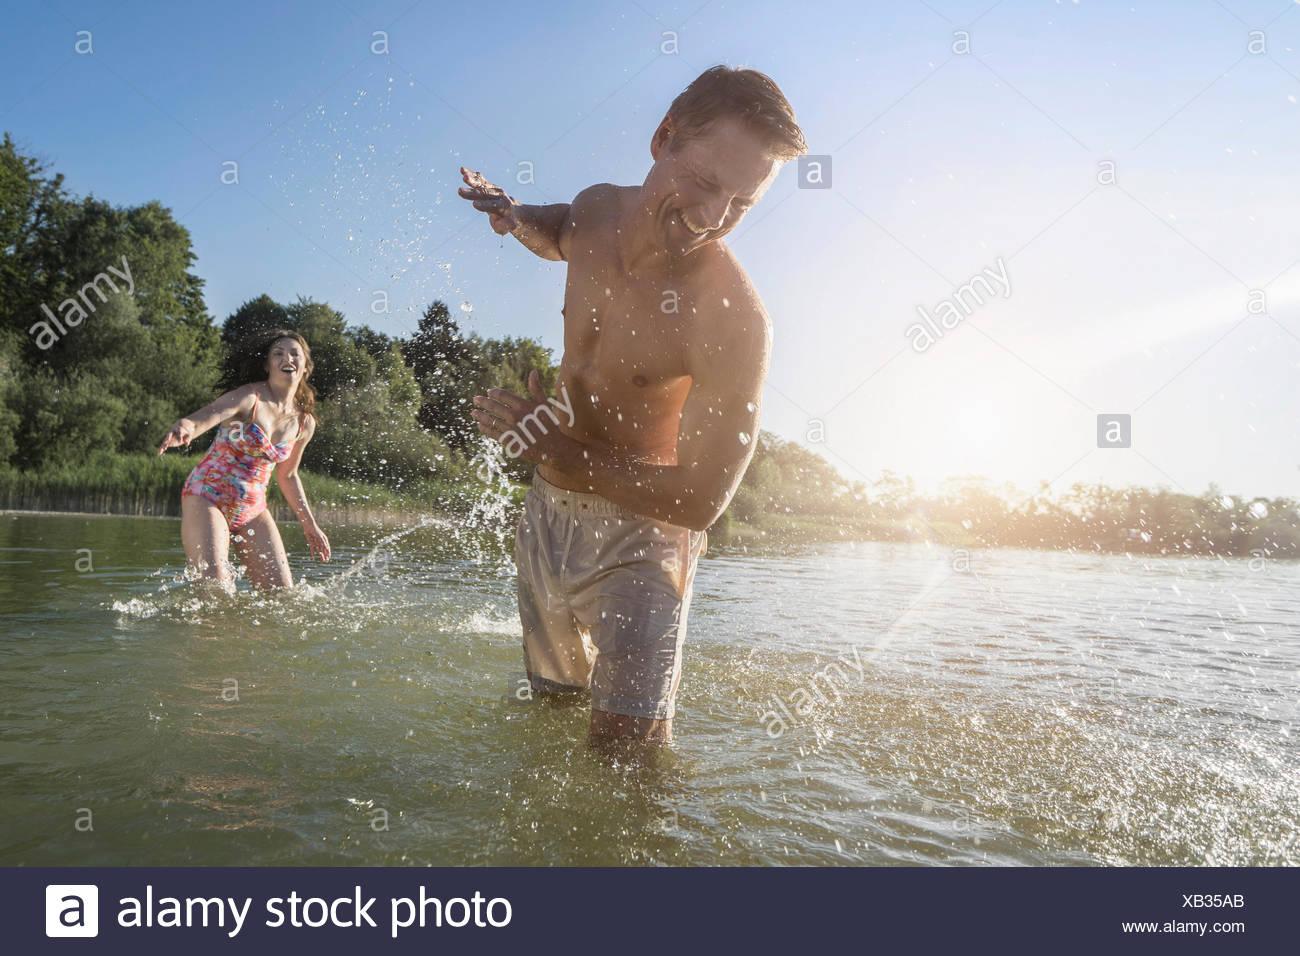 Femme mature aux projections d'eau sur son mari, sur le lac, Bavière, Allemagne Photo Stock